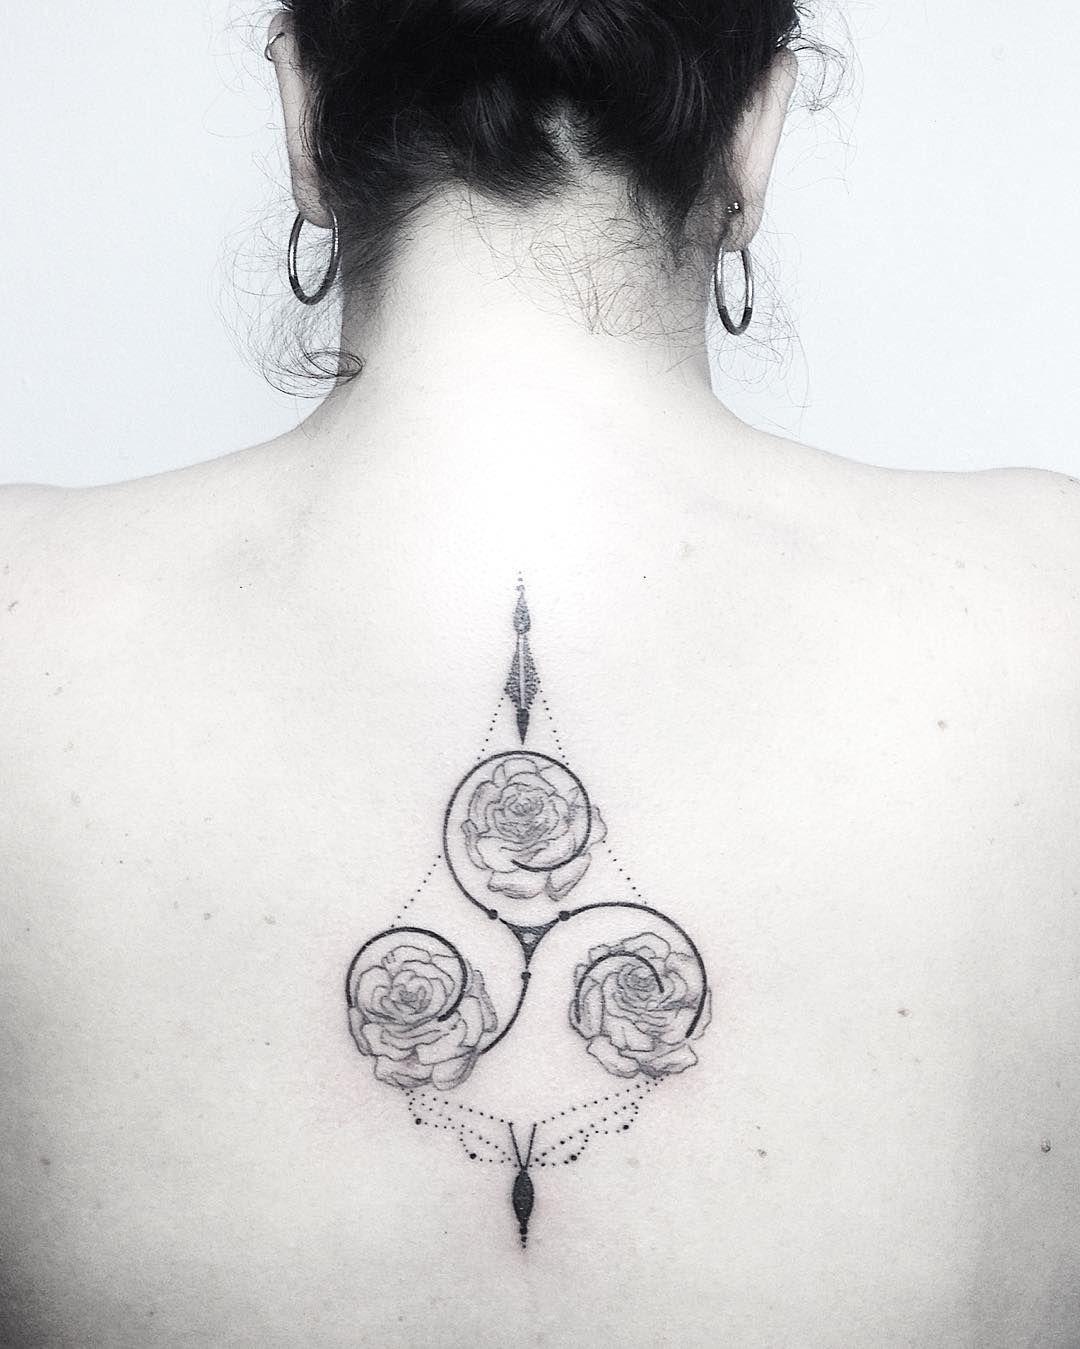 Triskel Tattoo By Pati San Martin Tattoos Diy Tattoo